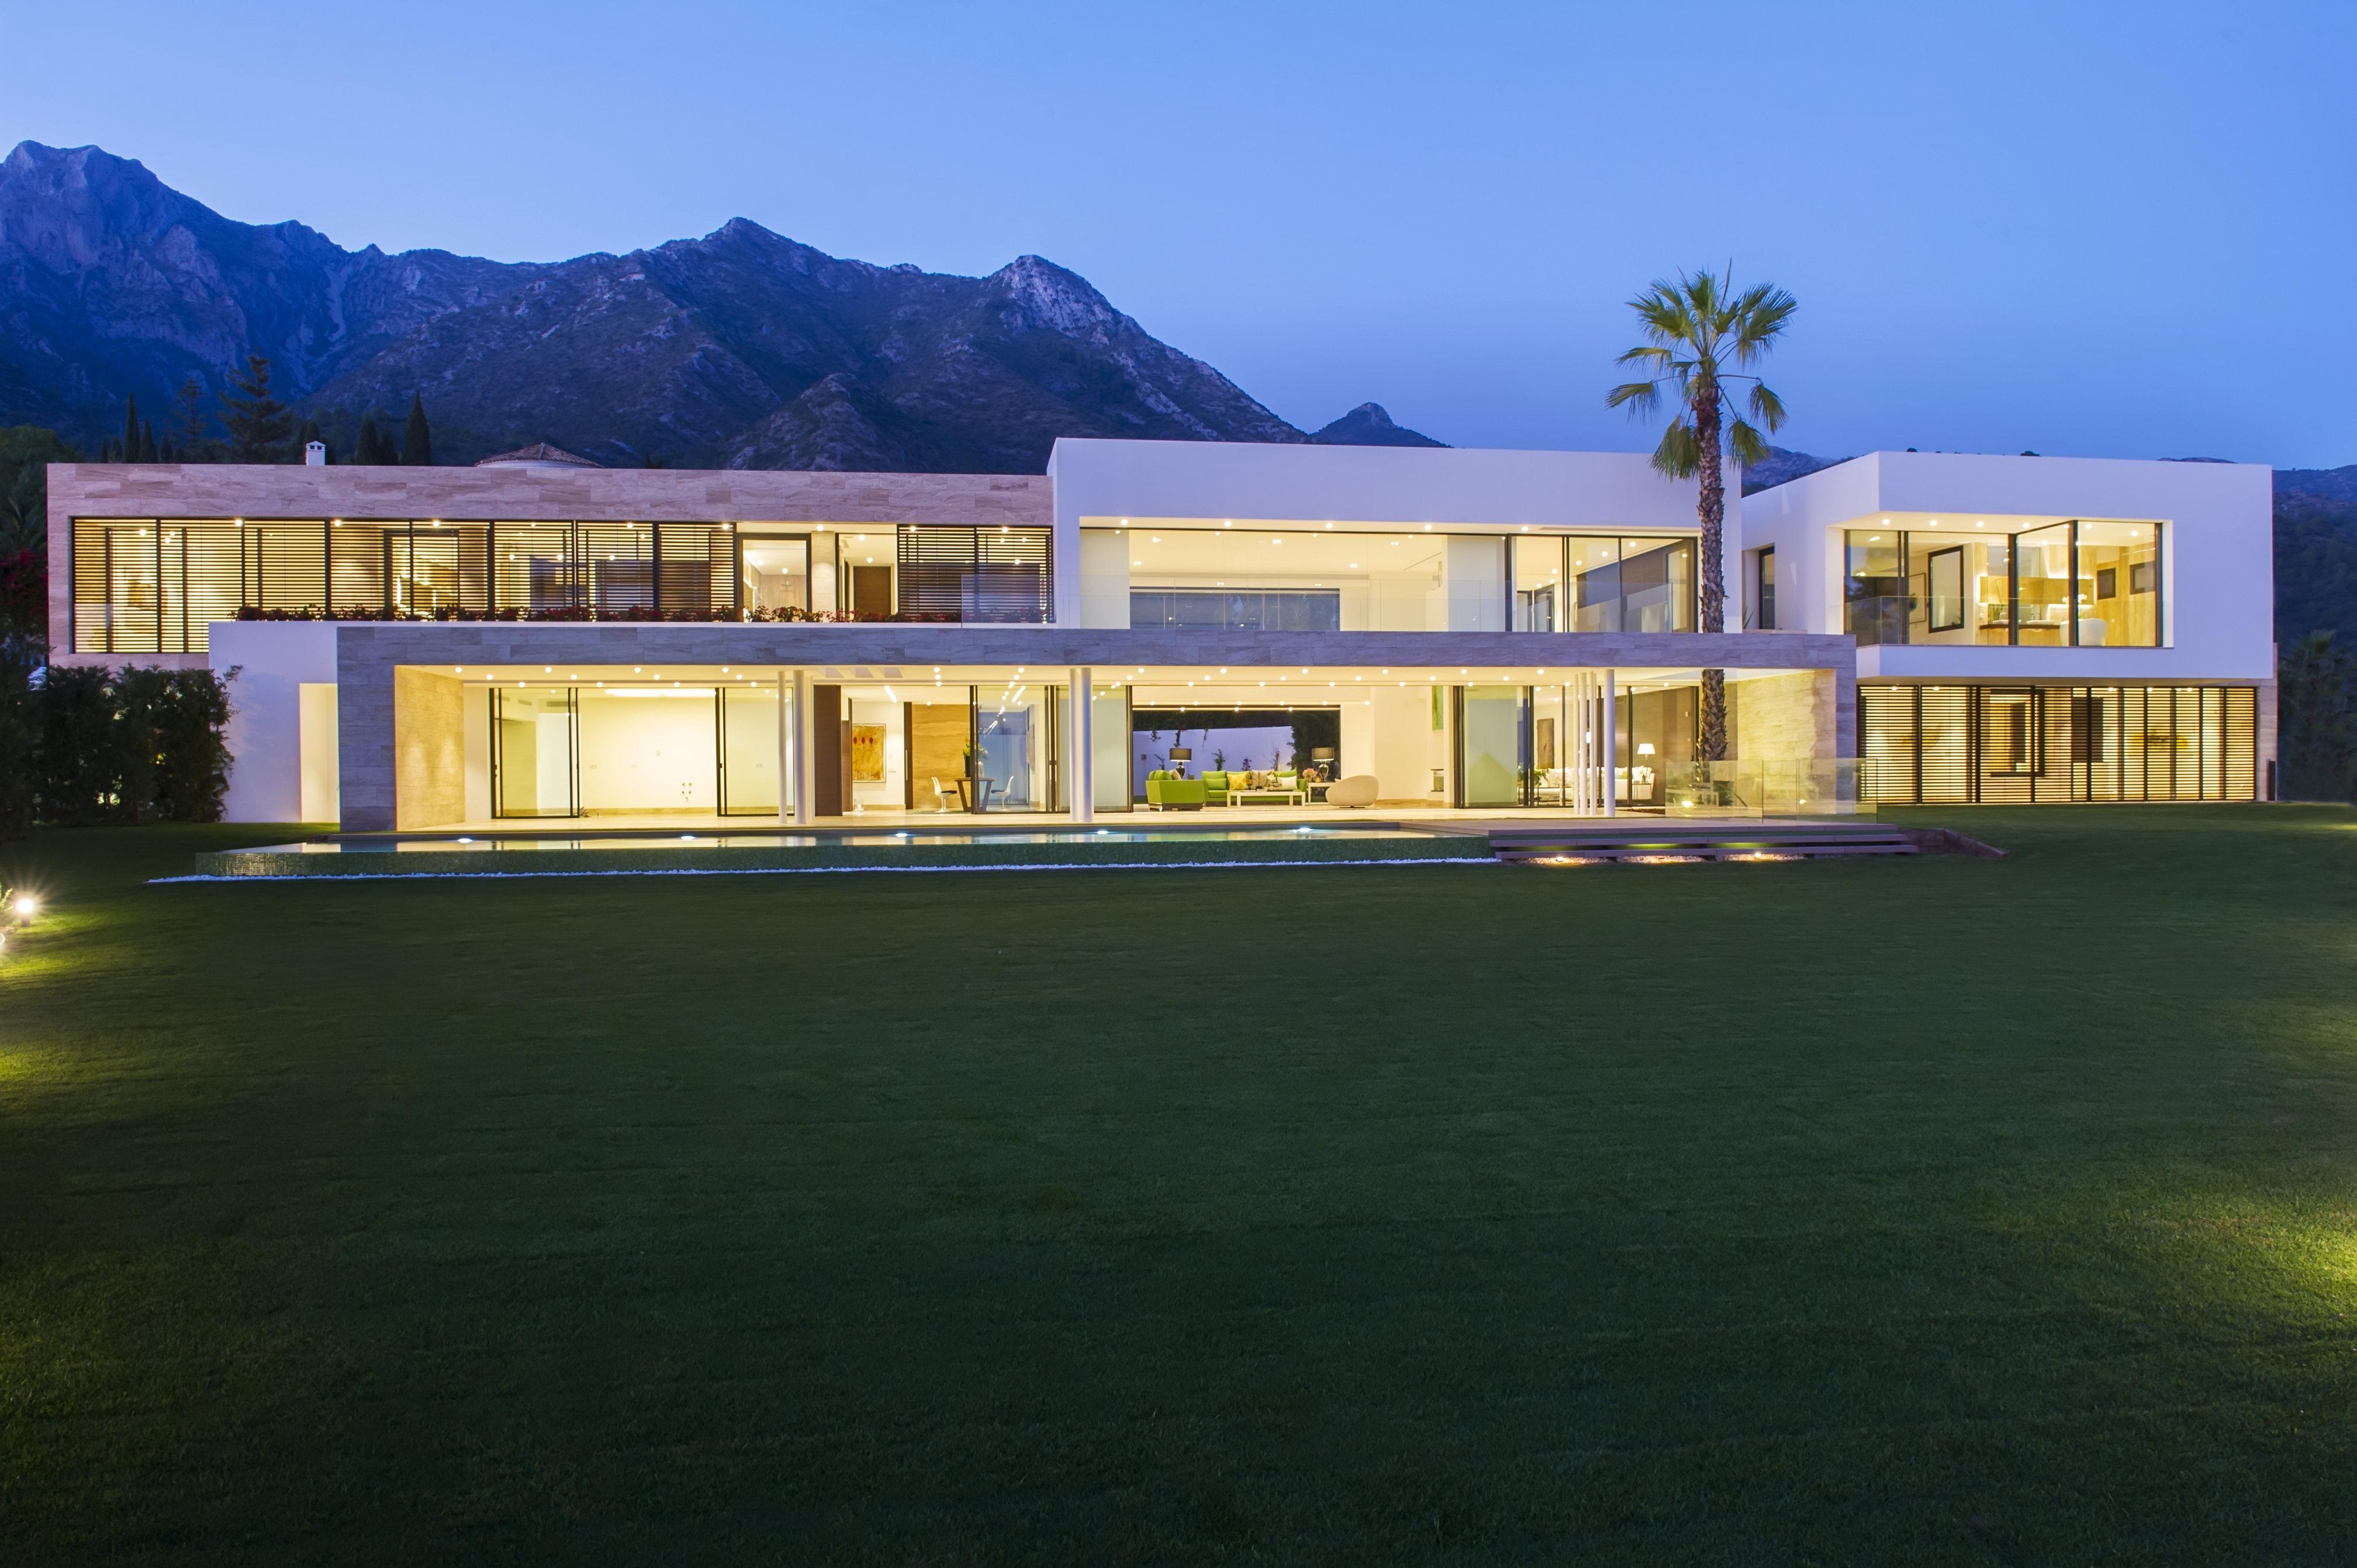 Casas de estilo contempor neo en marbella - Diana morales inmobiliaria ...